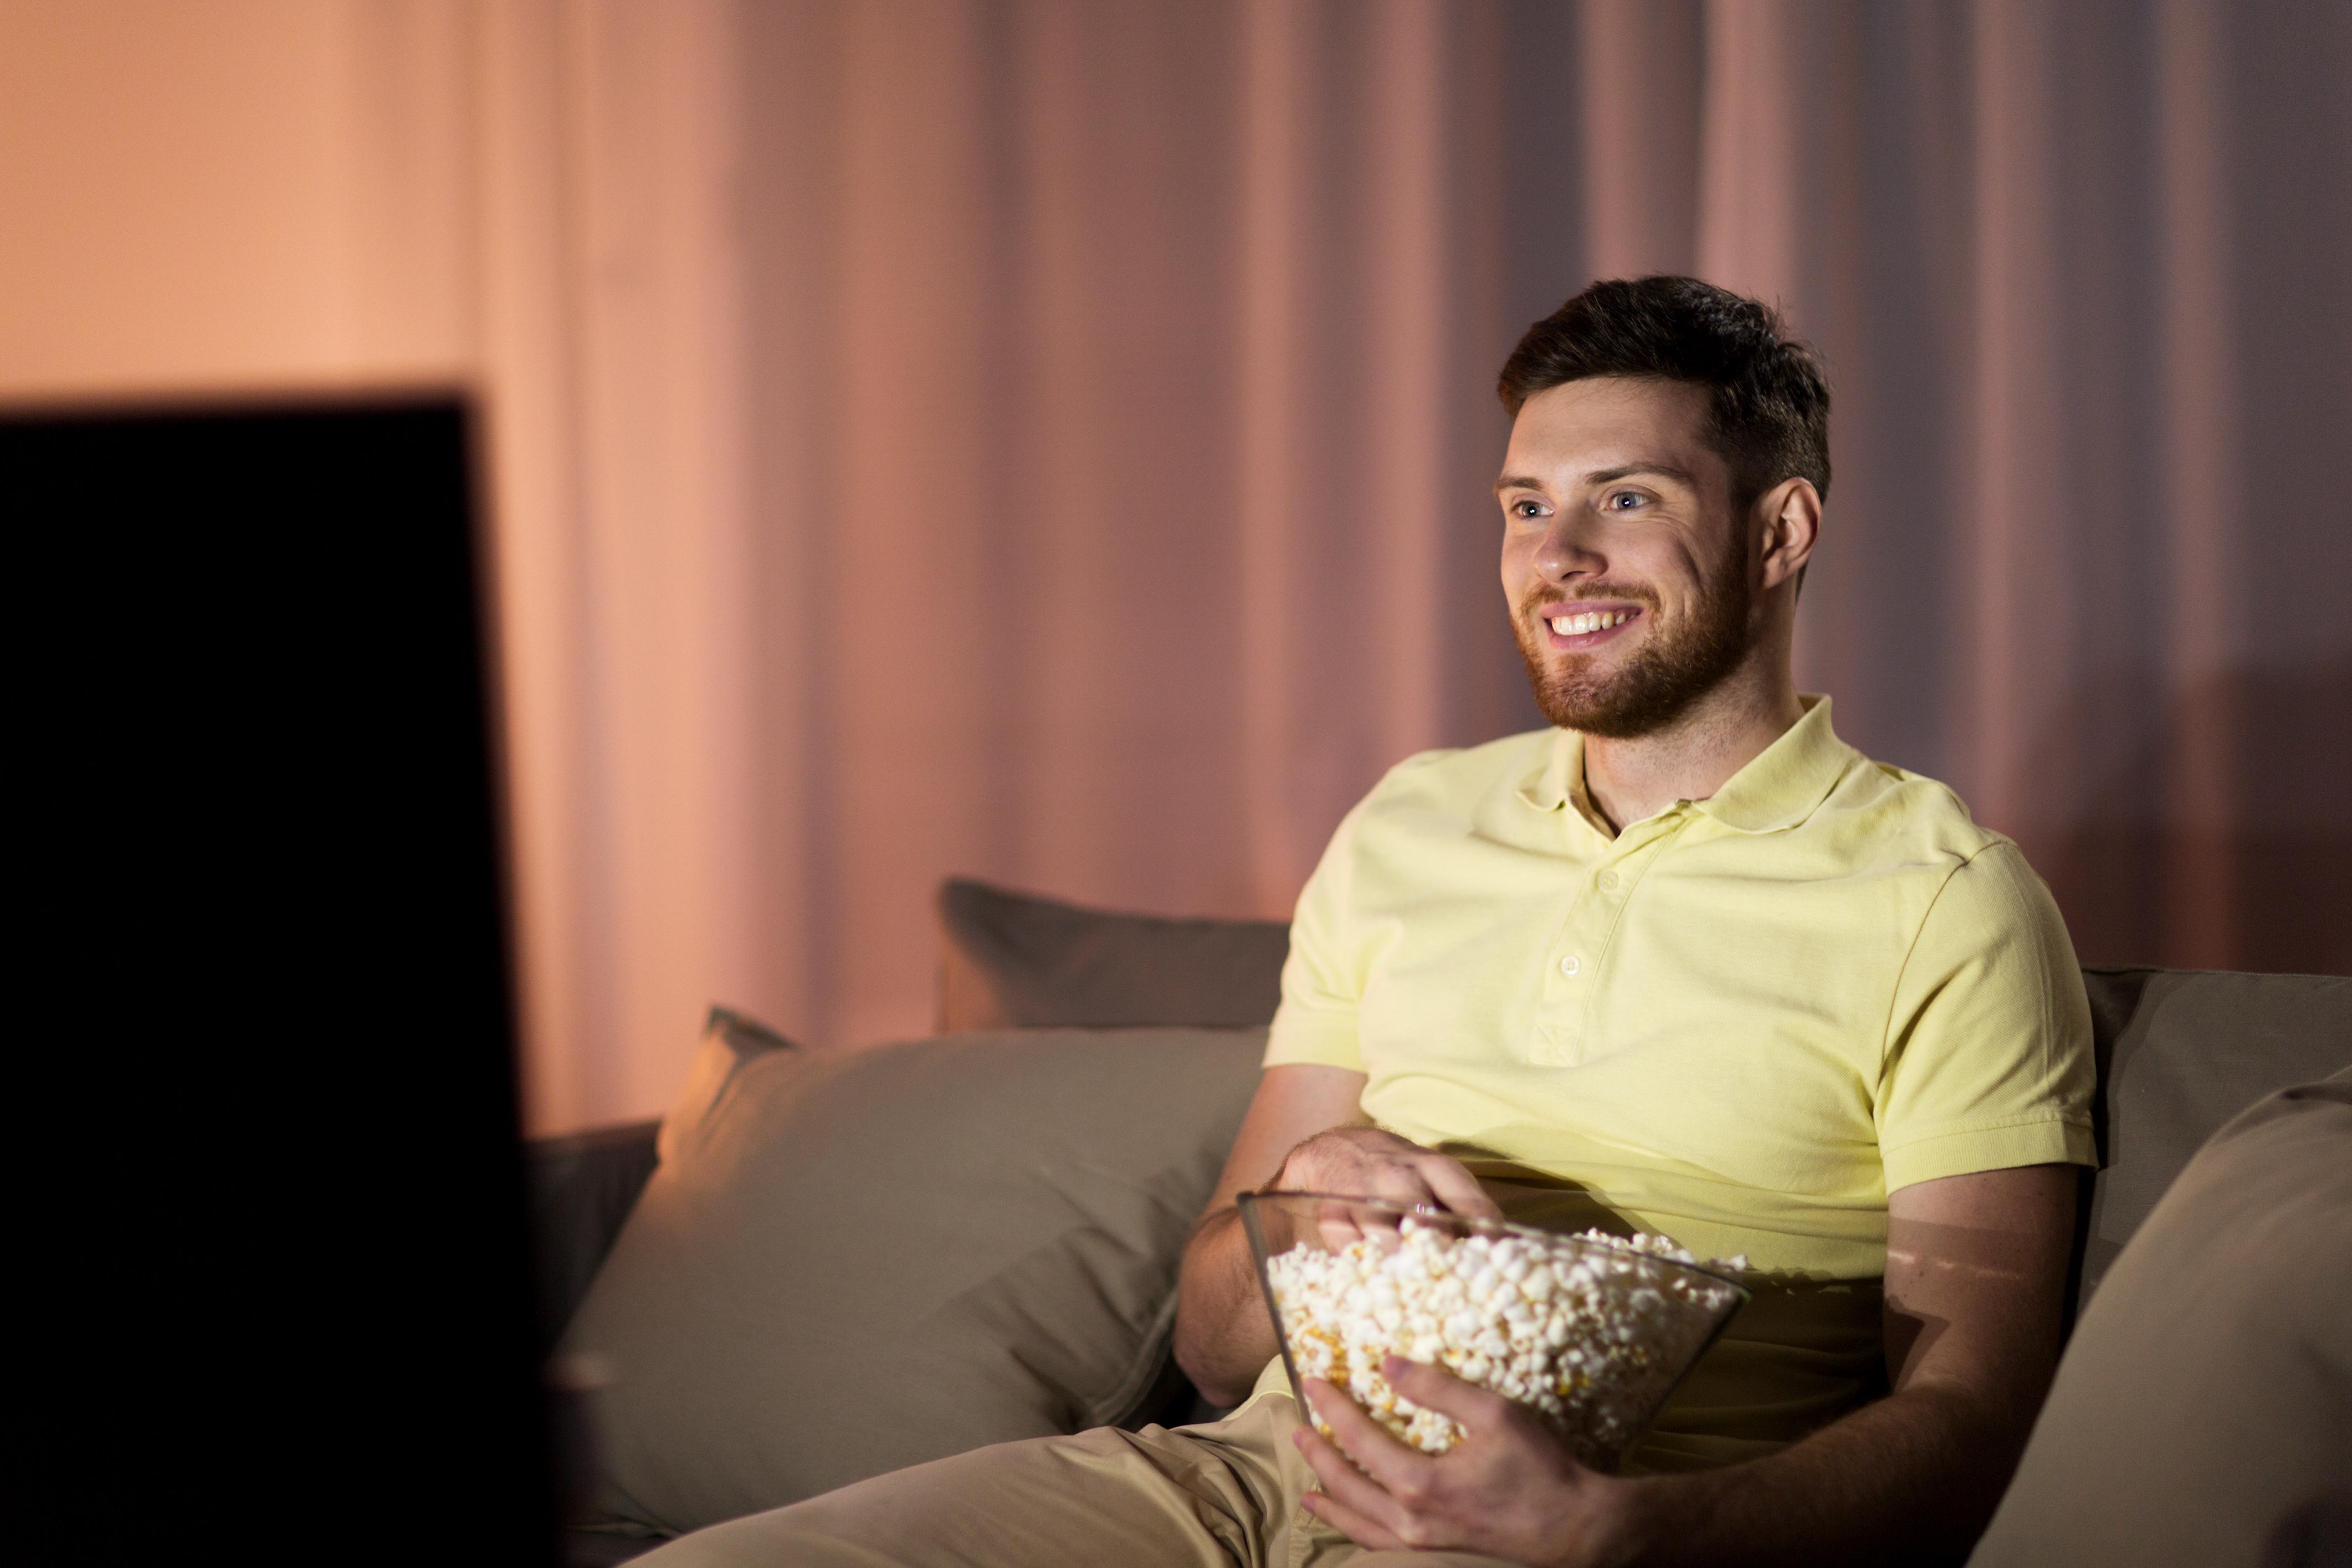 Saiba quais são as 10 melhores séries para assistir no Netflix